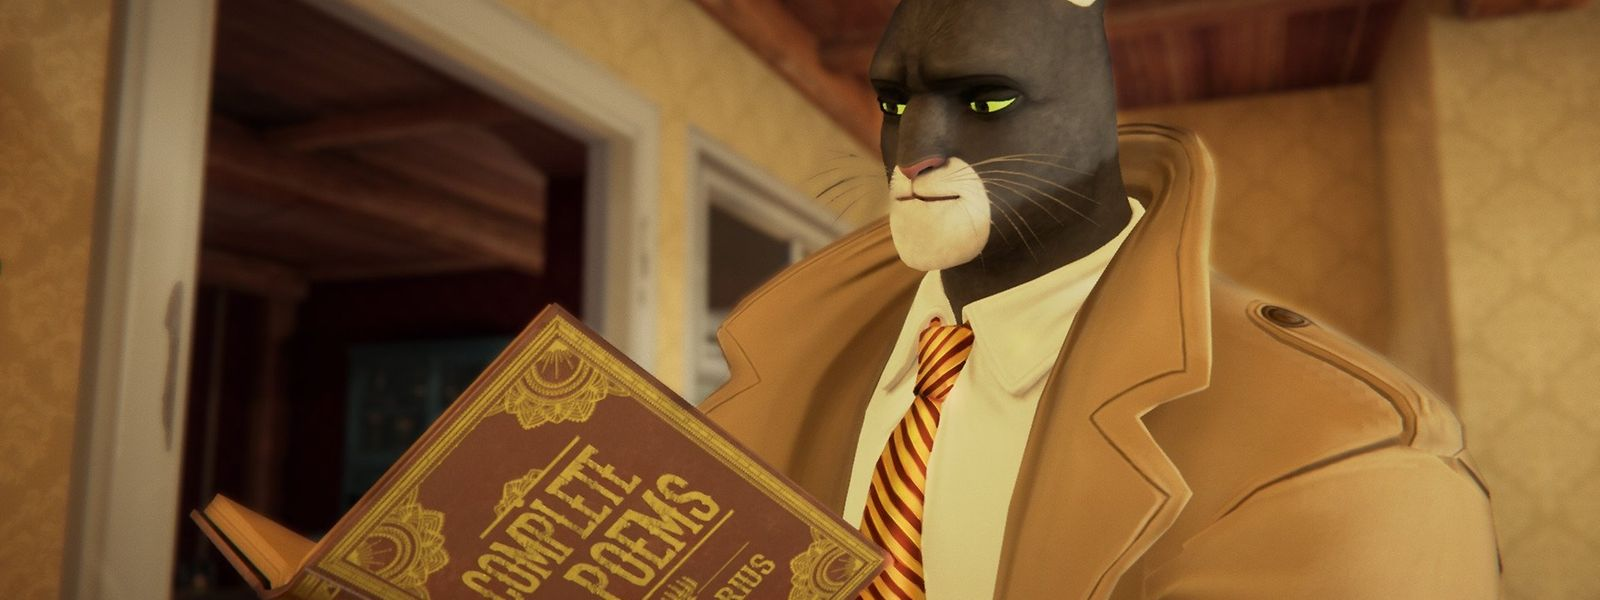 Ruppige Spürnase: Kater John Blacksad ist nur einer von vielen hervorragend geschriebenen Charakteren.